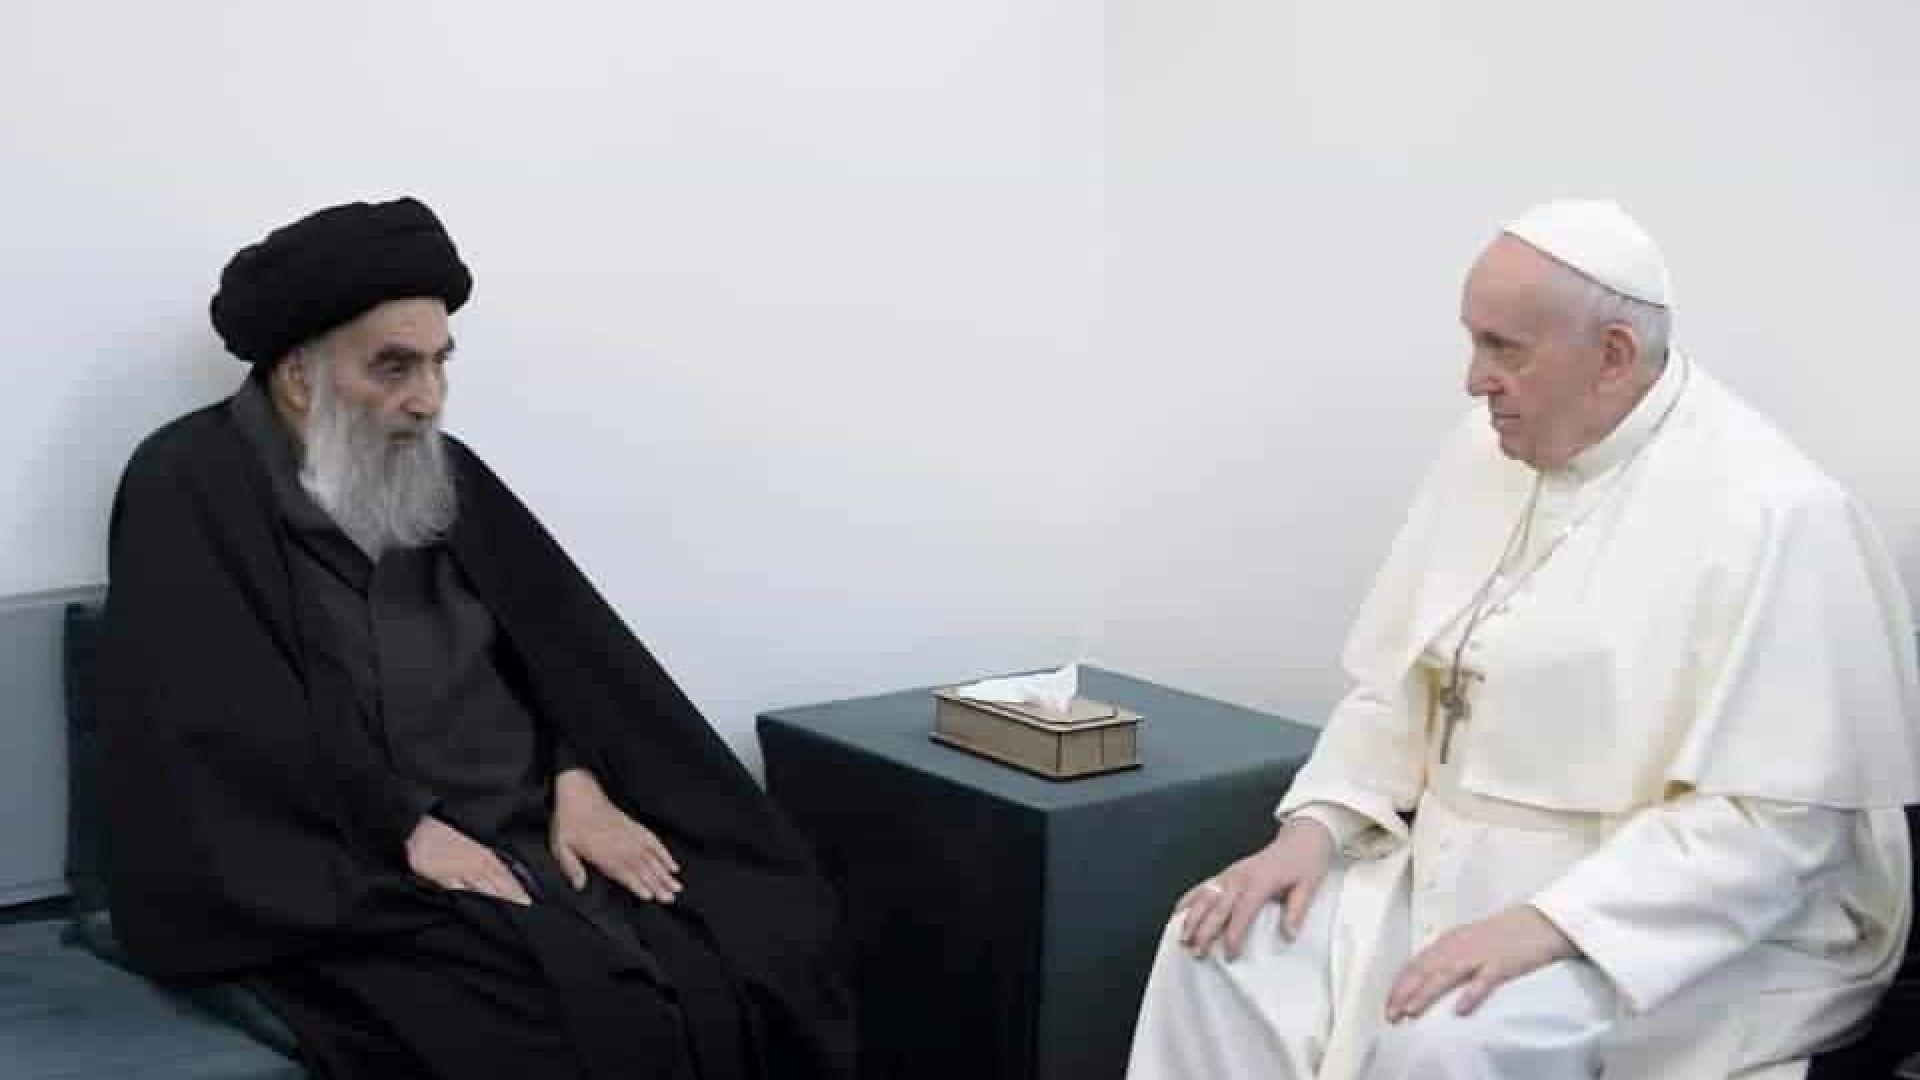 Histórico. Papa Francisco encontra-se com principal líder xiita do Iraque